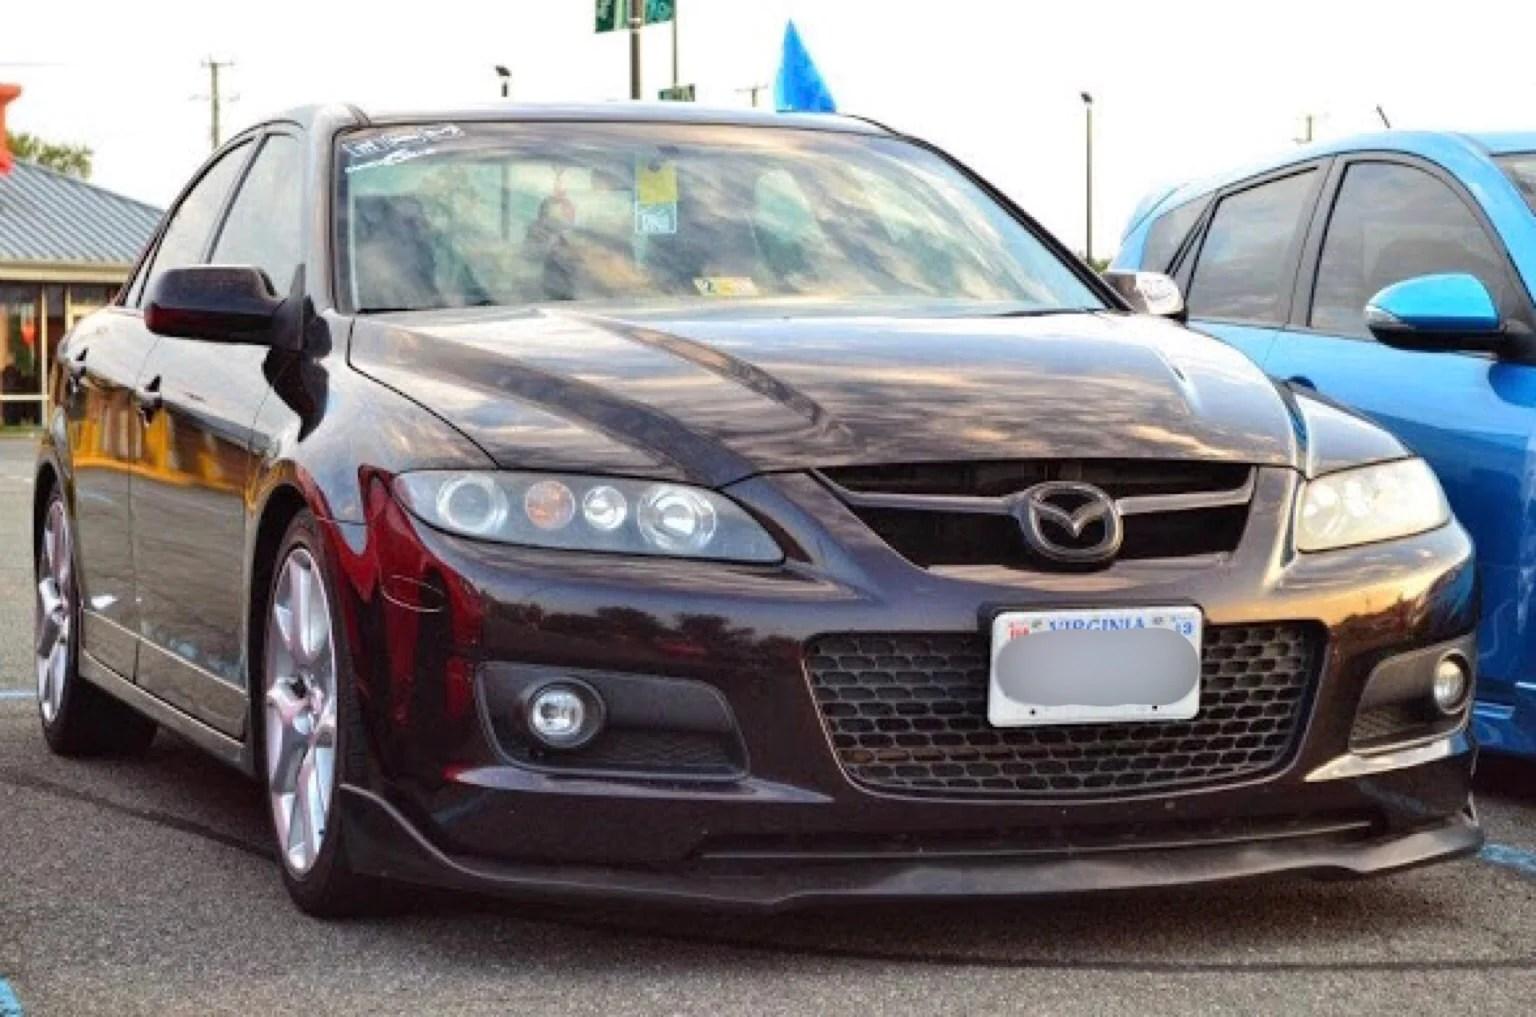 Mazda 6 Body Kits Mps Cs Front Lip Ausbody